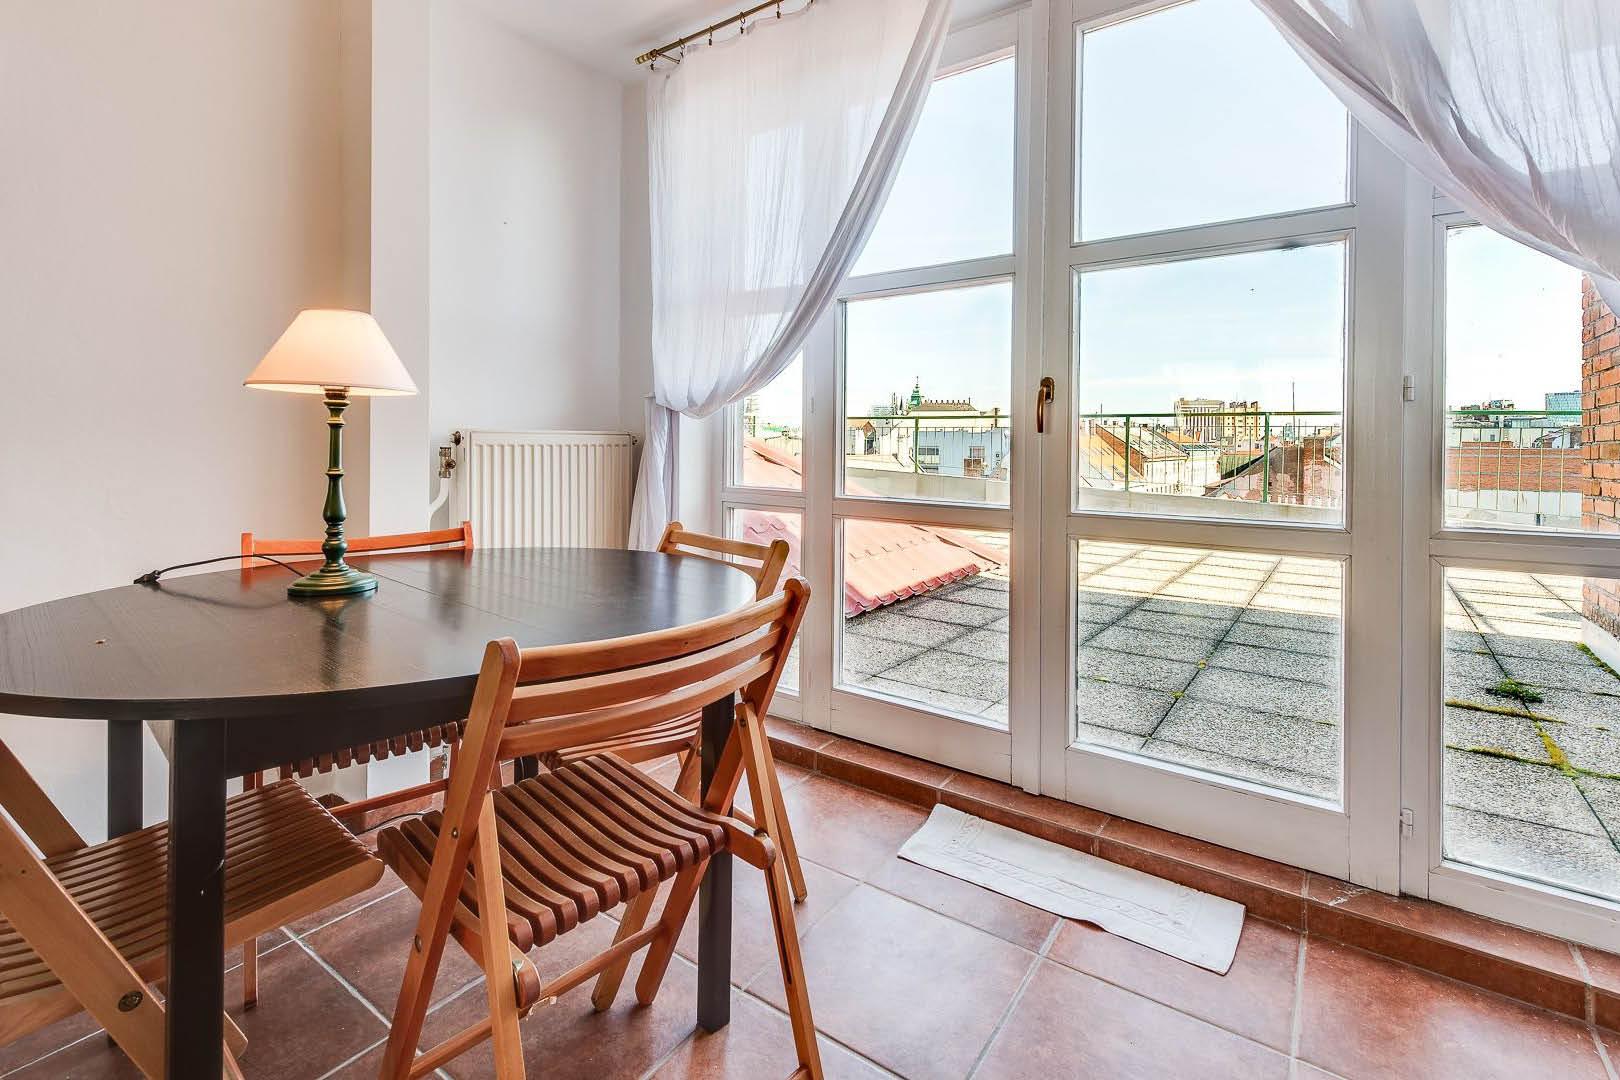 PREDANÉ | 4 izbový byt | Strakova, Bratislava